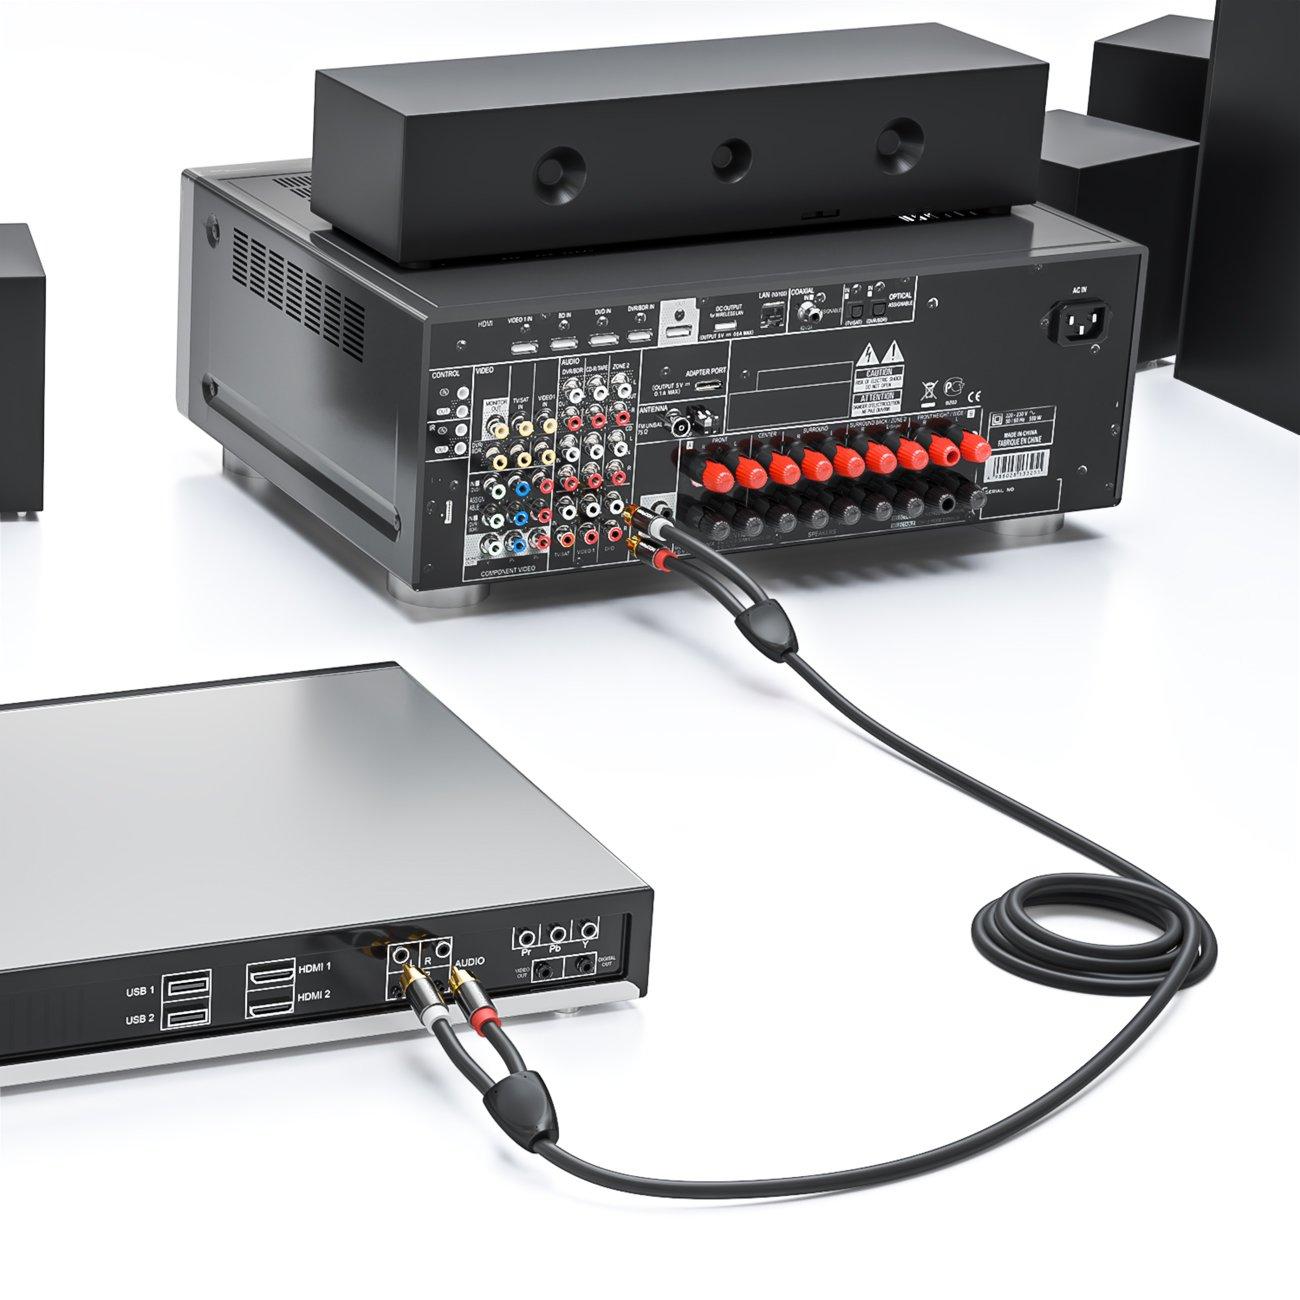 deleyCON 0,5m Cavo Stereo Audio Cinch Cavo Cinch RCA 2X Spine Cinch per 2X Prese Cinch Sistema HiFi Ricevitore HiFi Hometheater Lettore Nero